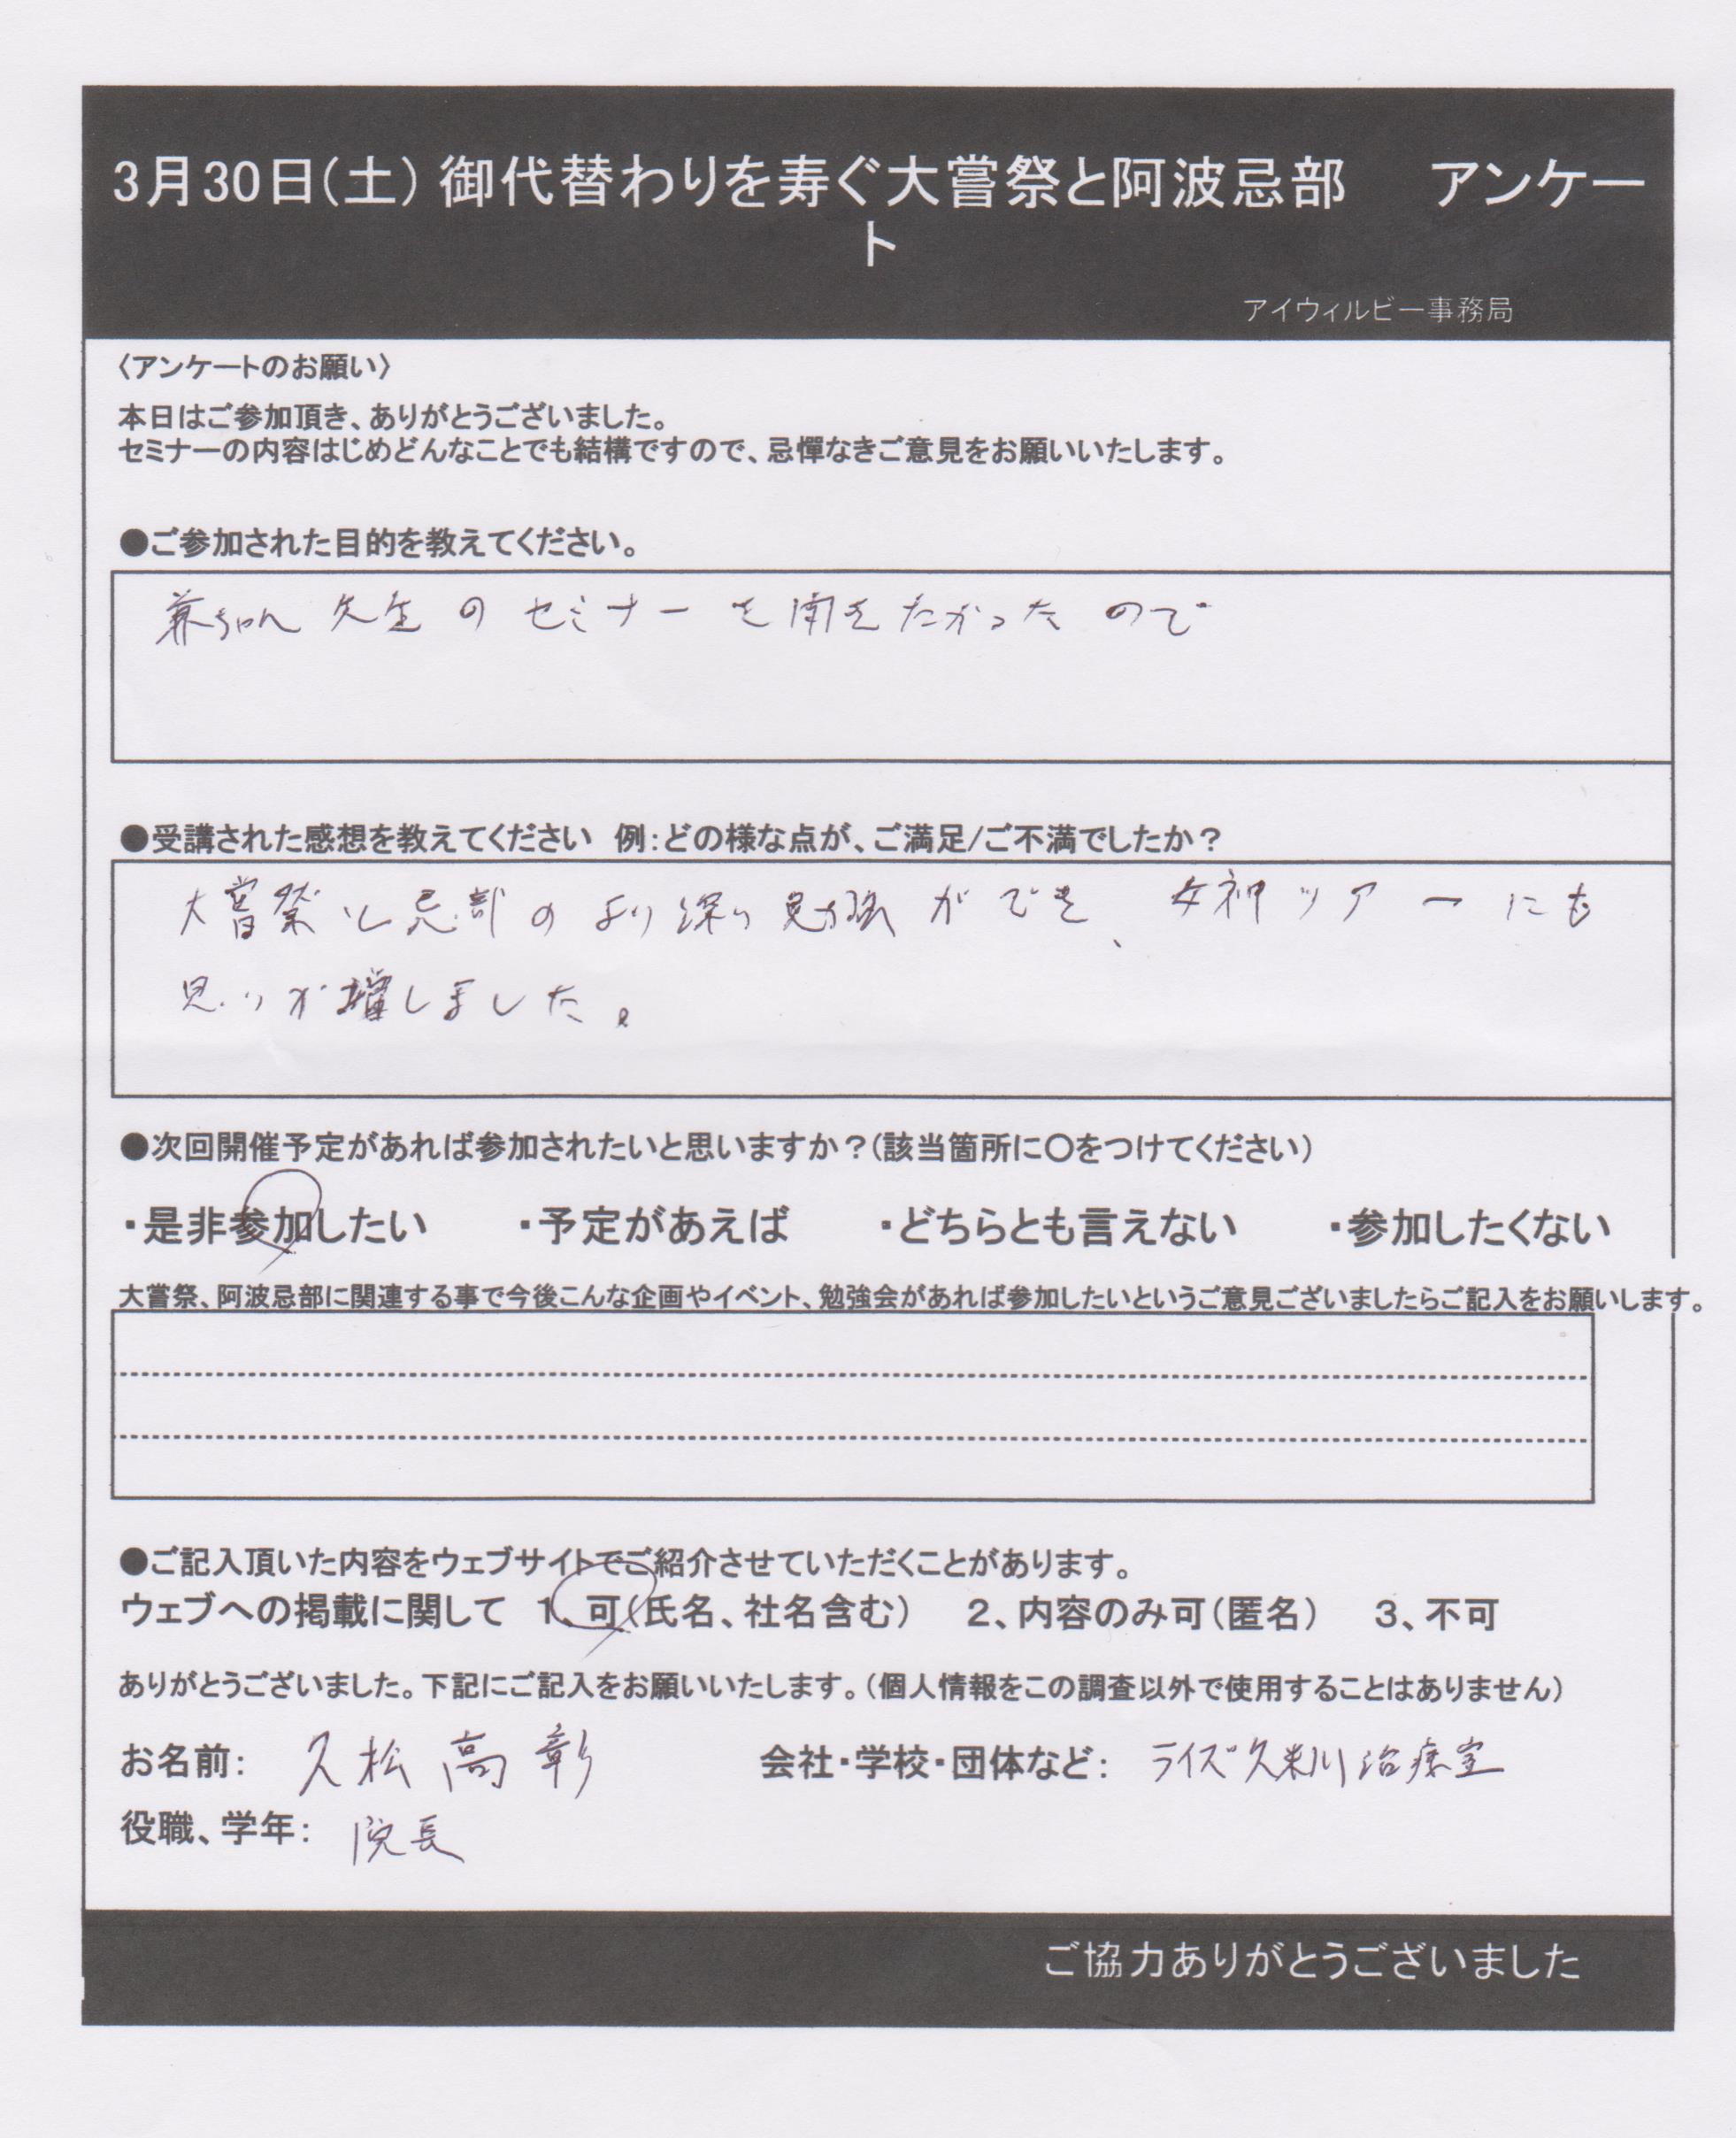 003 - 参加者アンケートから